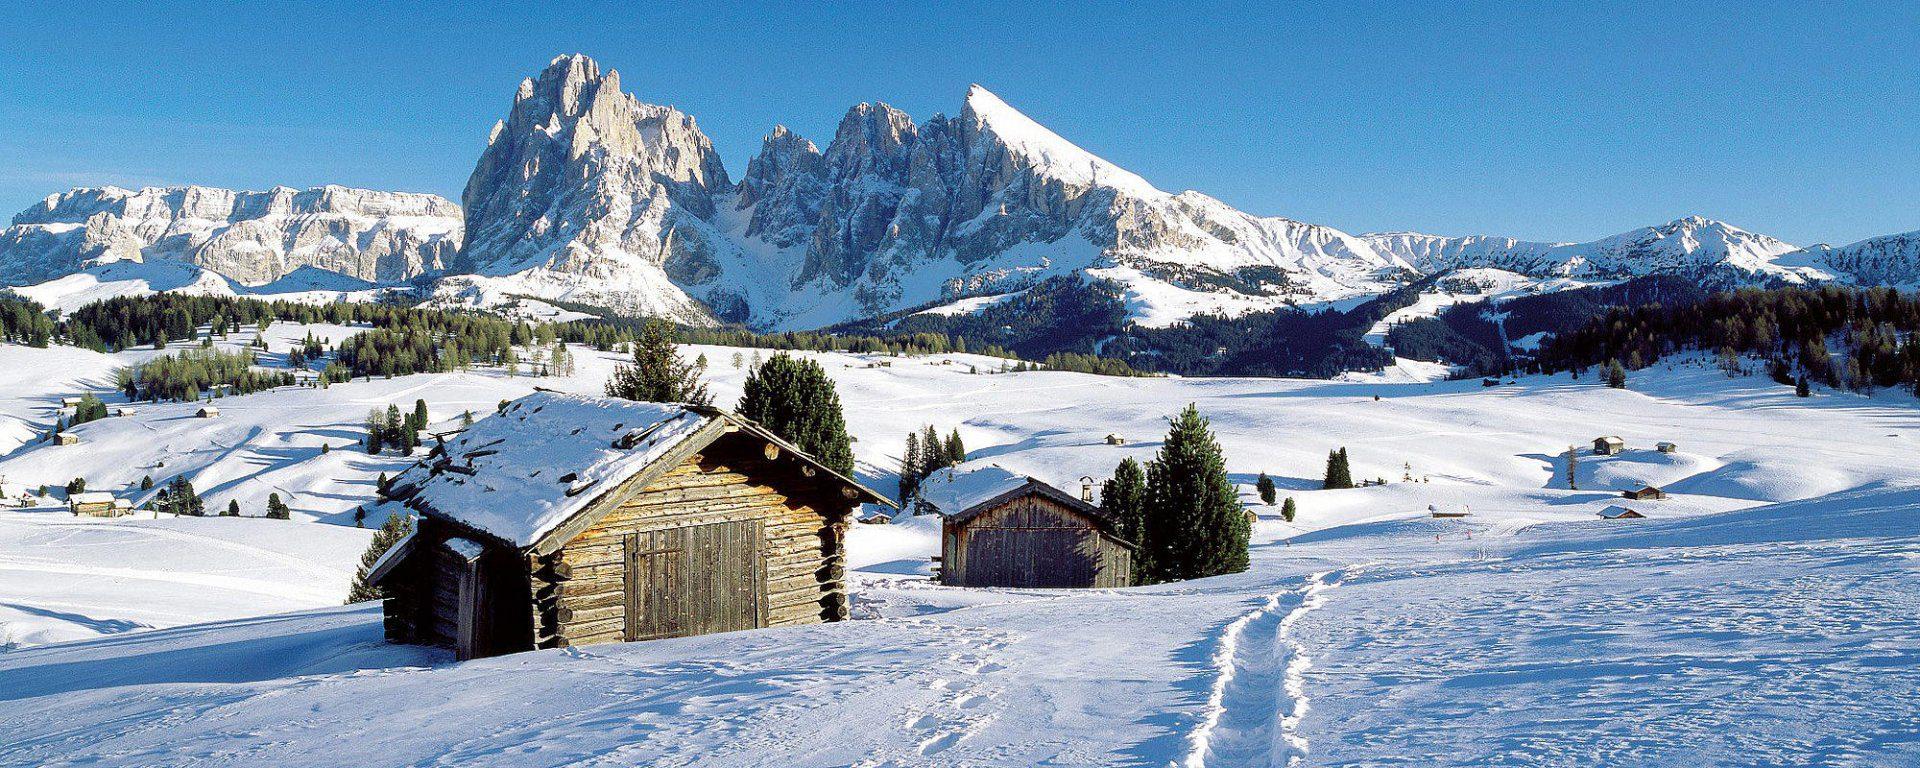 Raquetas de nieve en Dolomitas. Excursiones por las montañas más bellas del mundo.